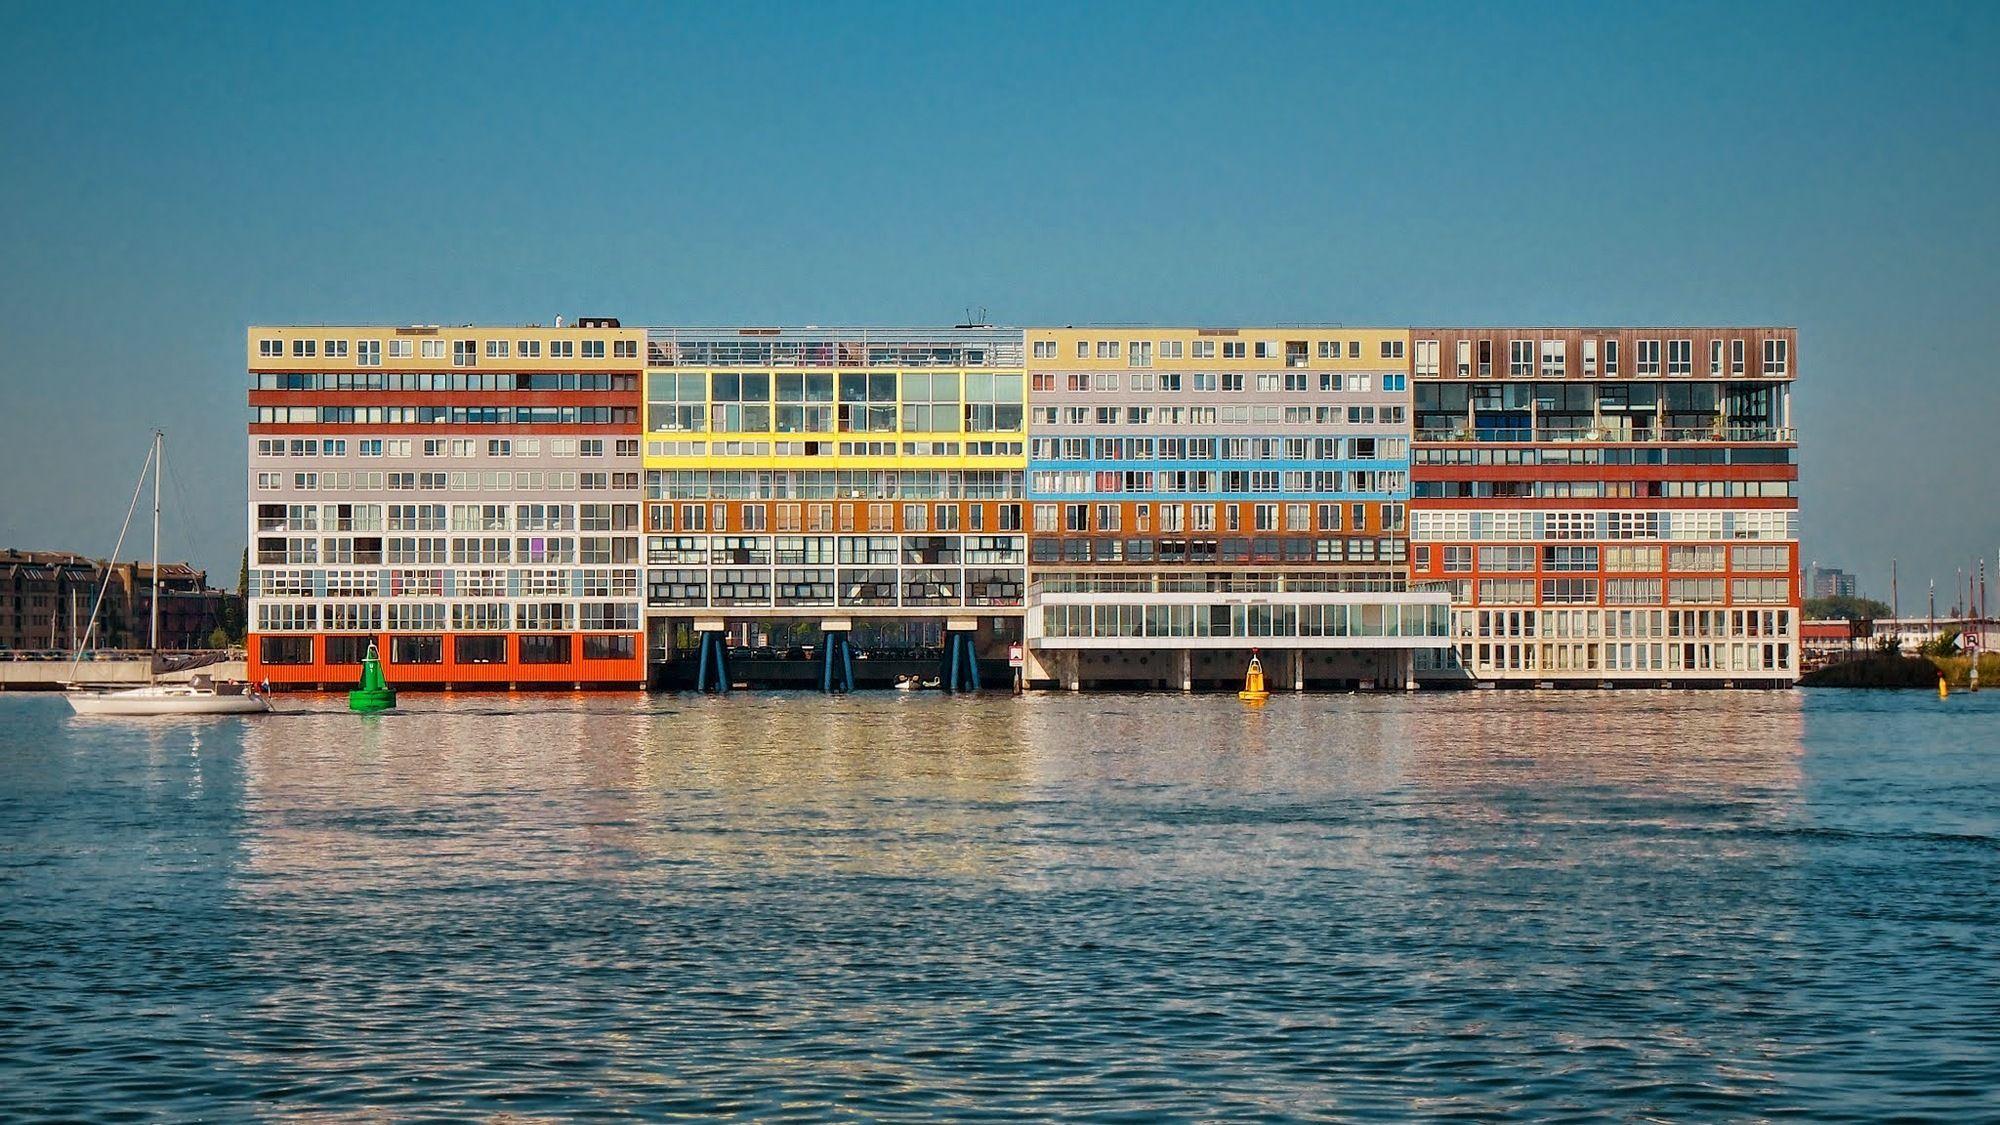 Un nuevo estilo arquitectónico para la era del individualismo